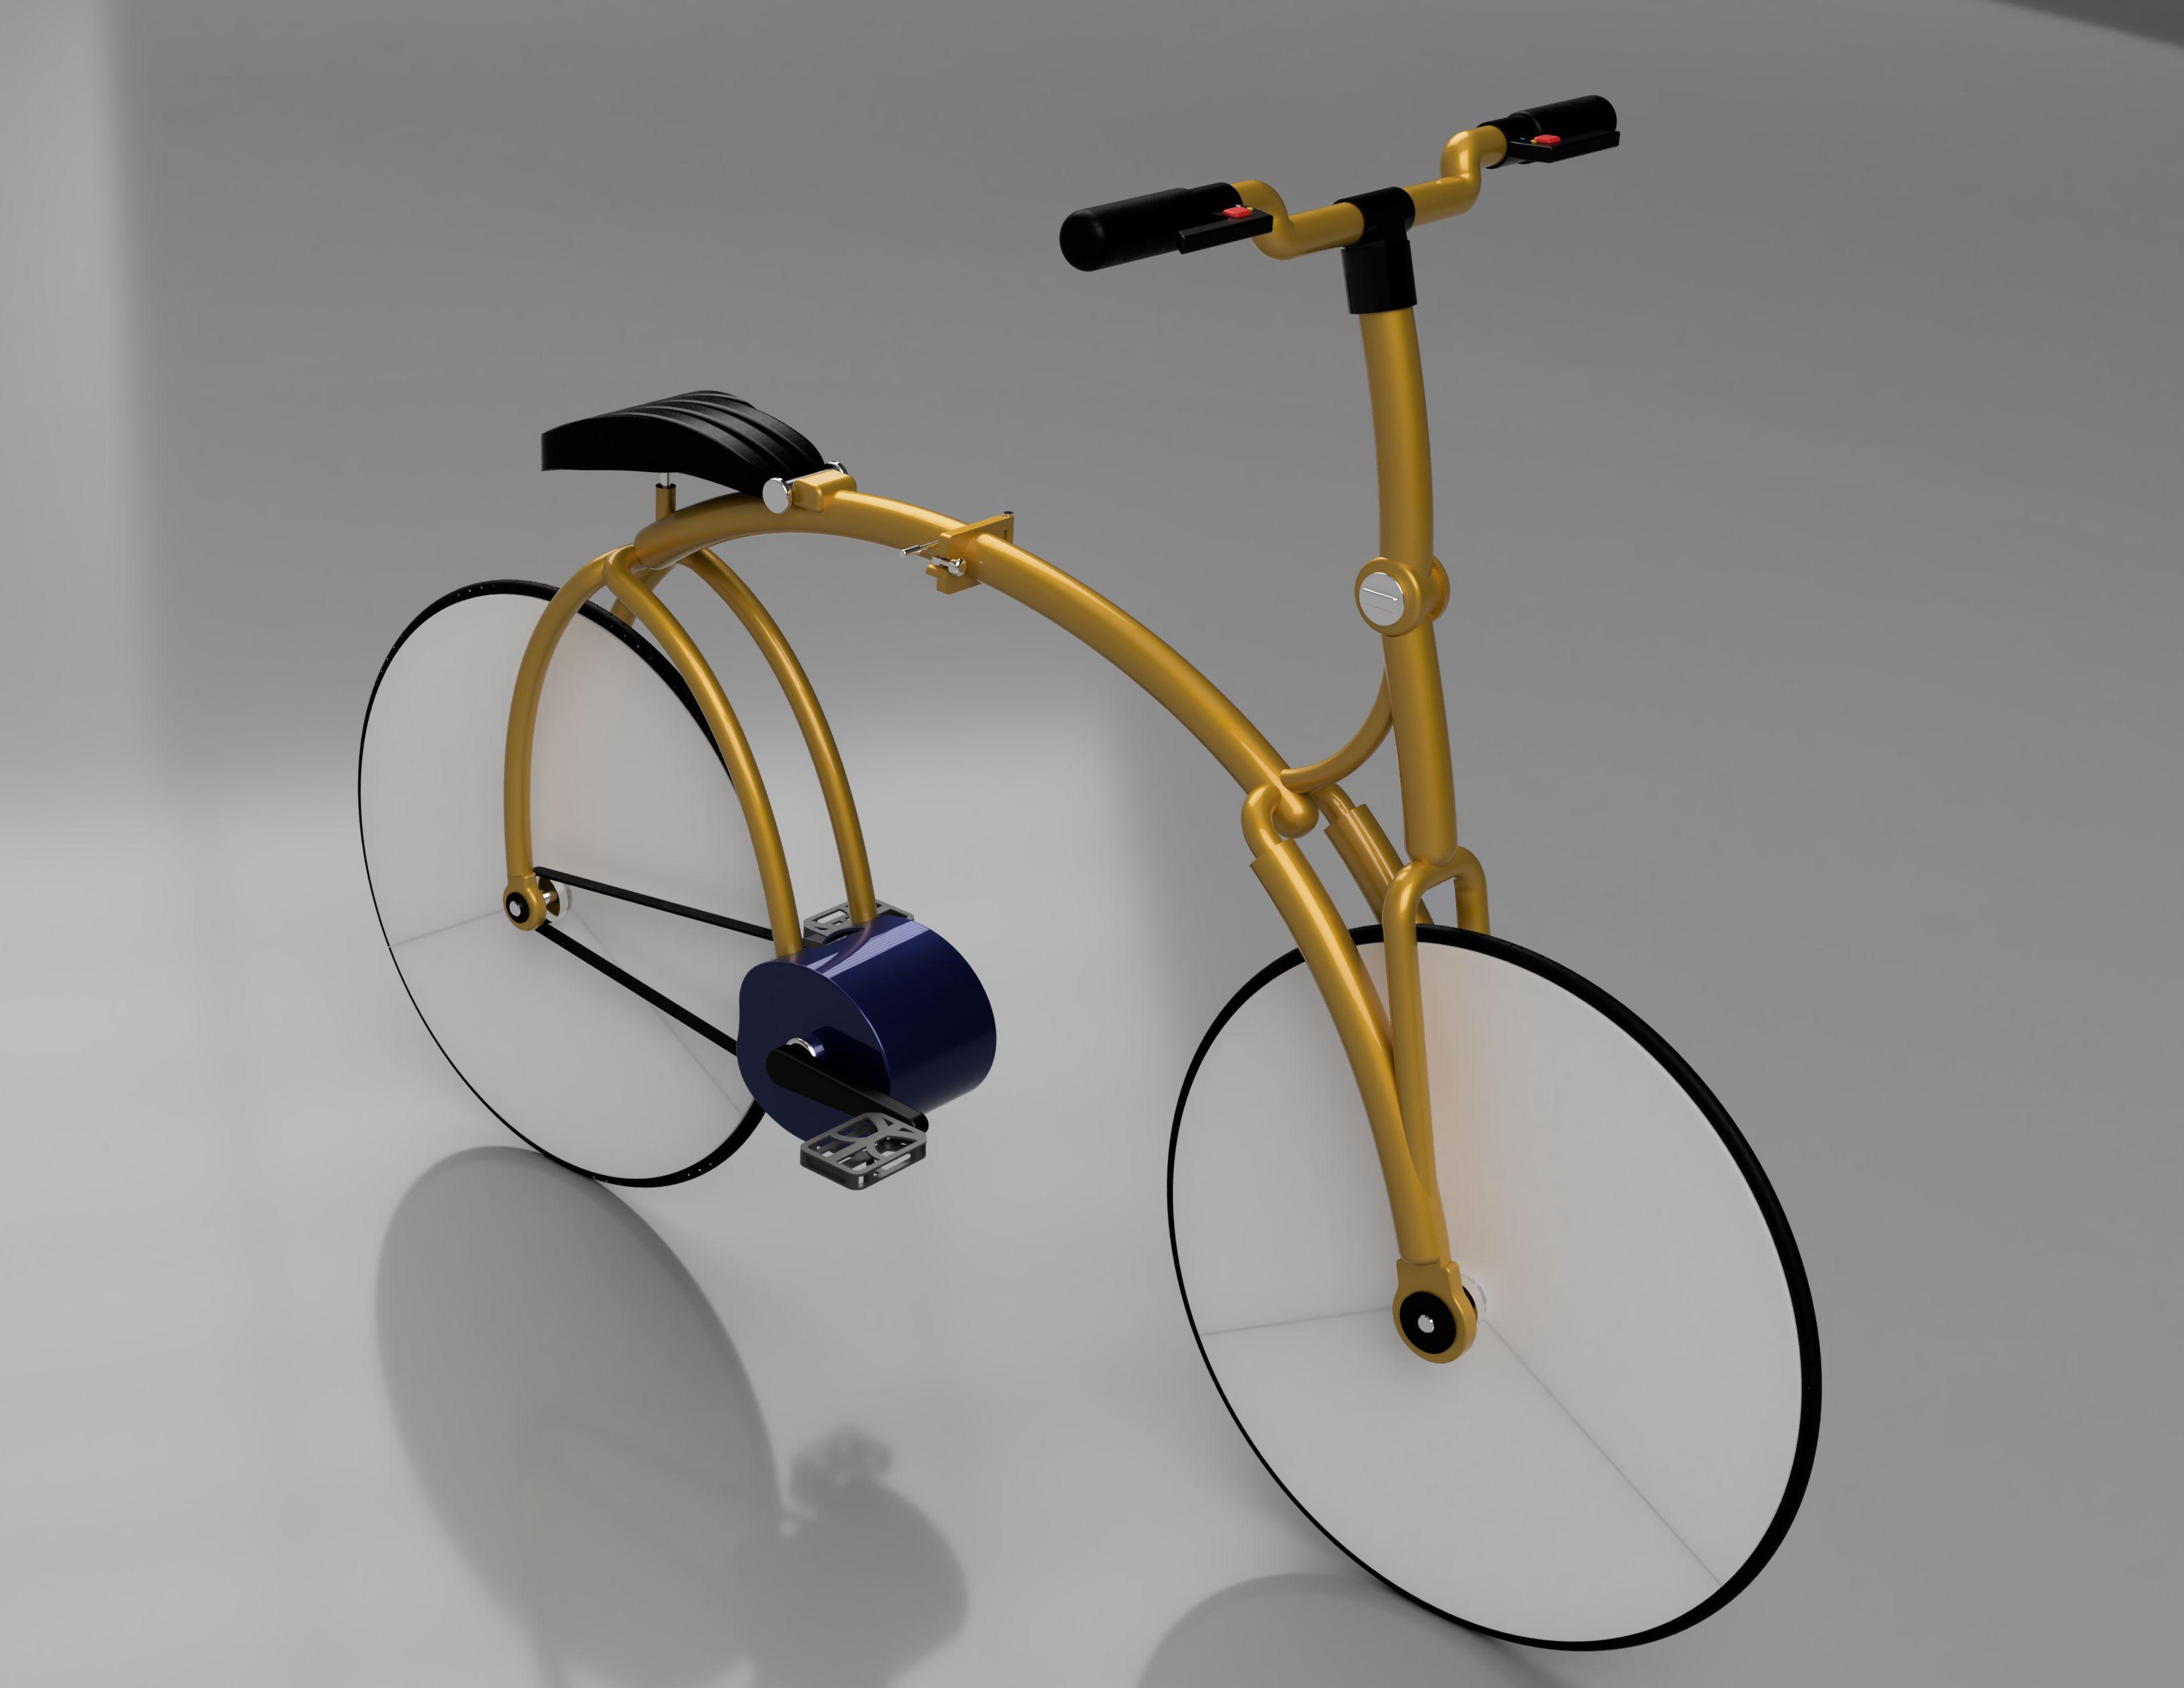 Diana--bici-ddd-2020-mar-13-06-17-48pm-000-customizedview5303221000-png-3500-3500